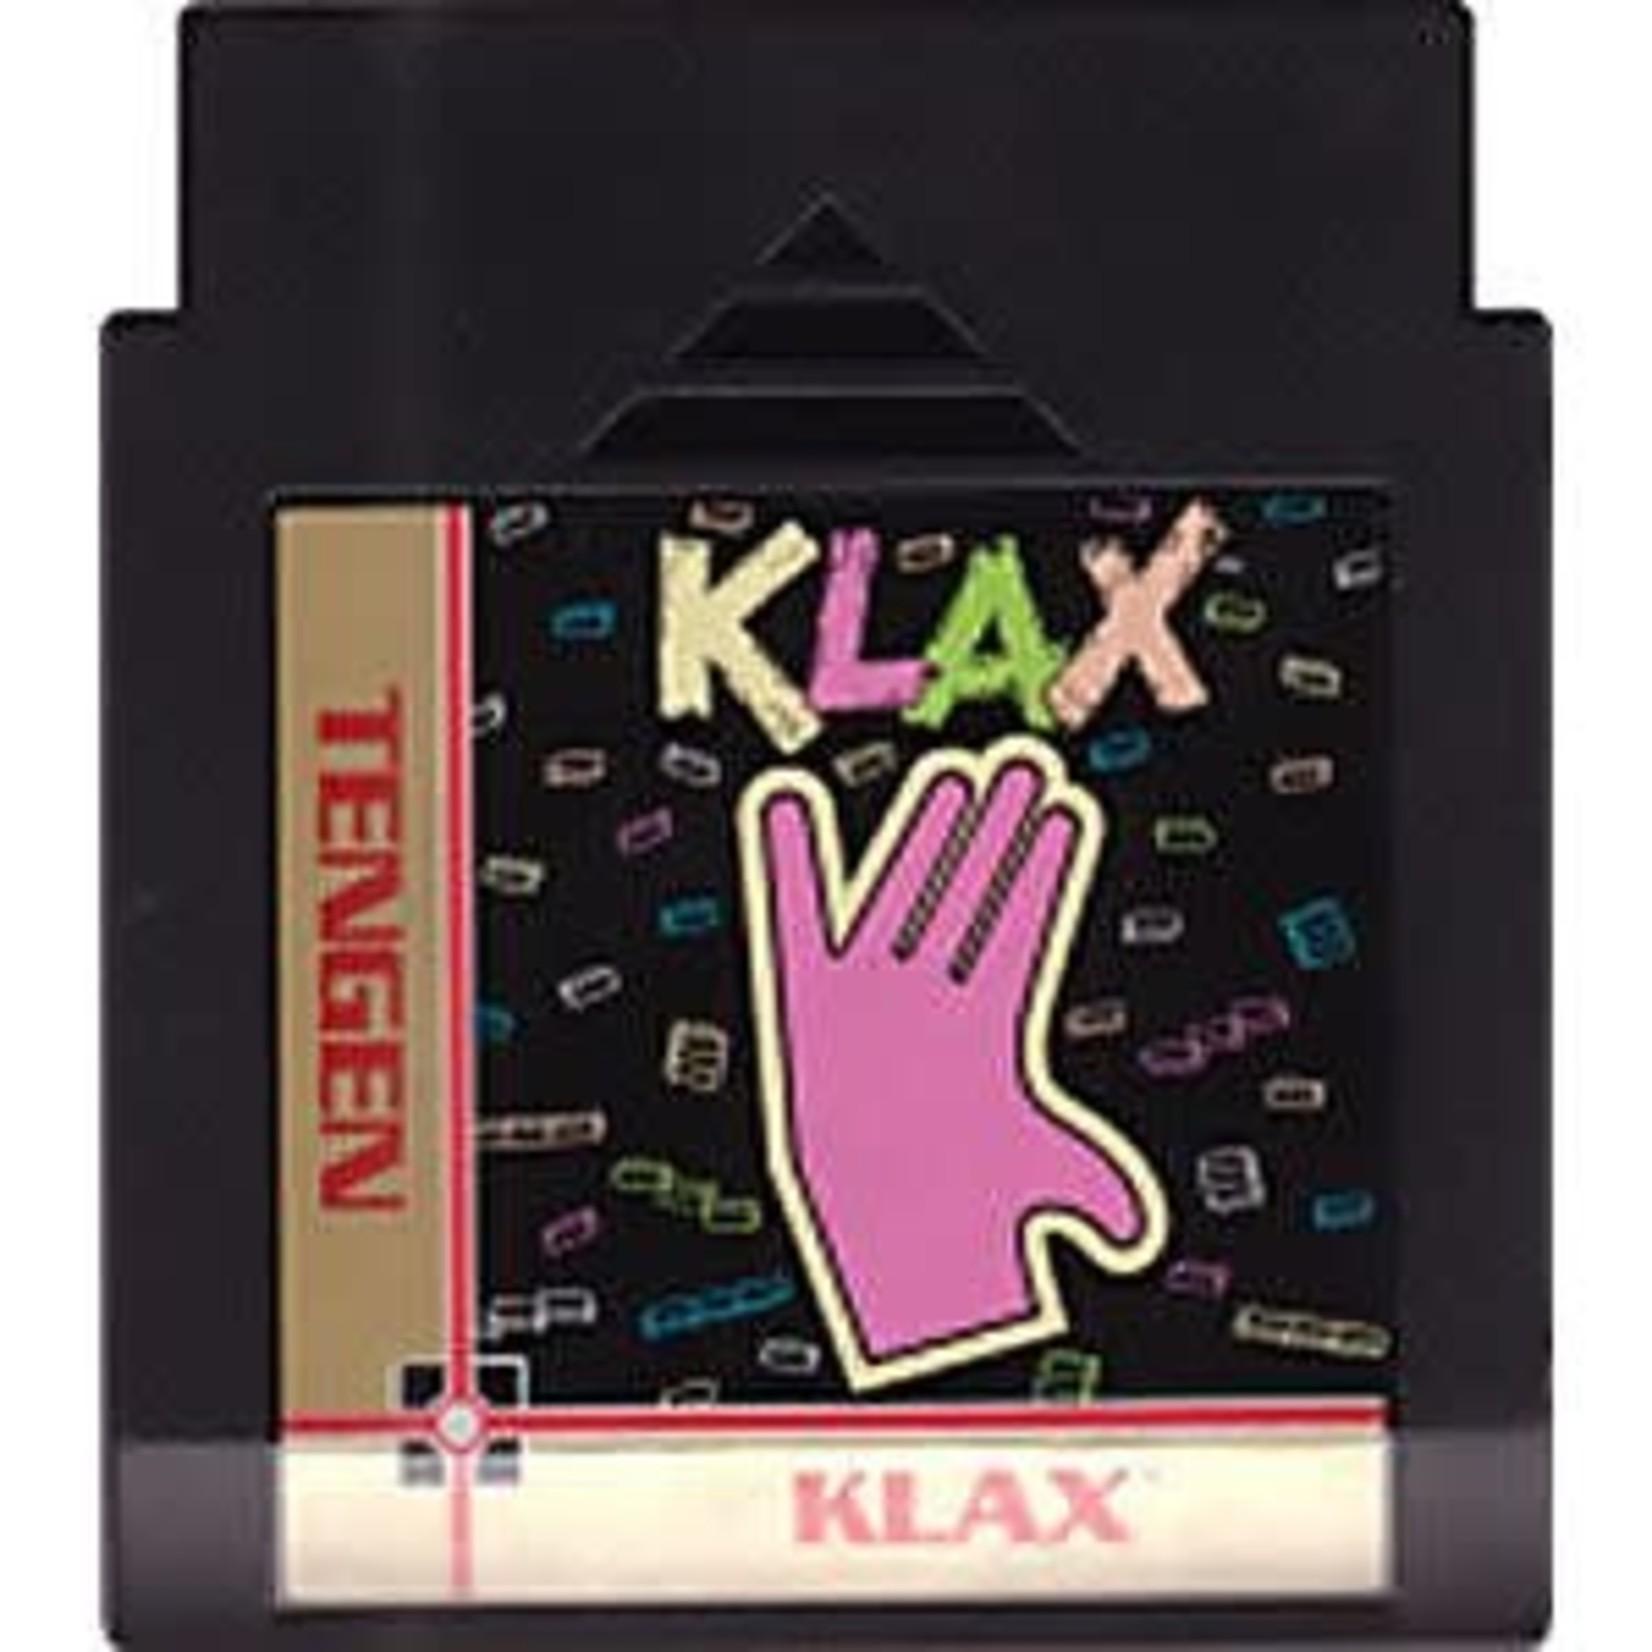 NESU-KLAX TENGEN (CART ONLY)